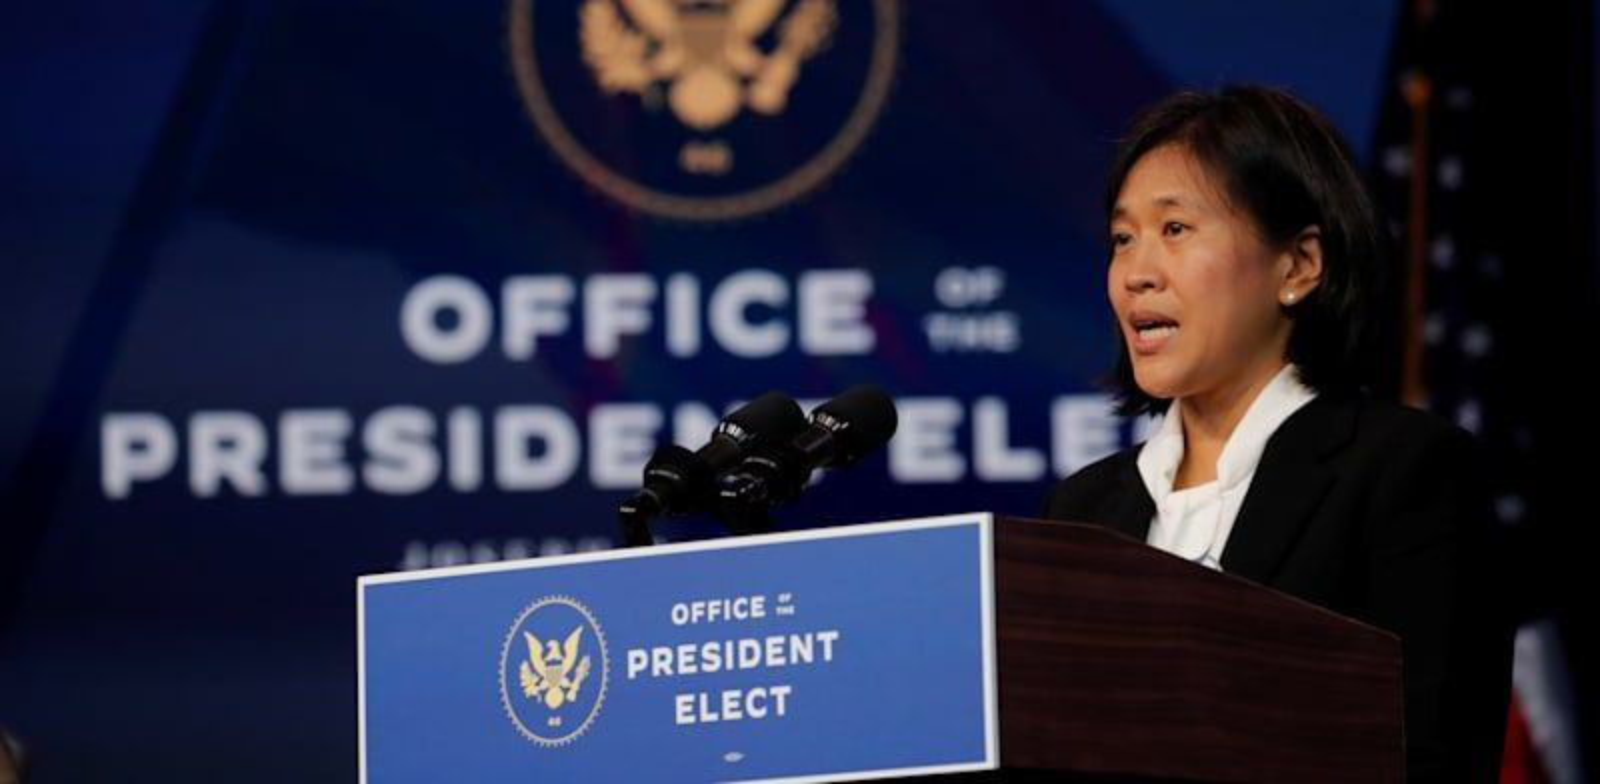 """קתרין טאי, המועמדת של ביידן לנציגת הסחר של ארה""""ב / צילום: Reuters, Mike Segar"""